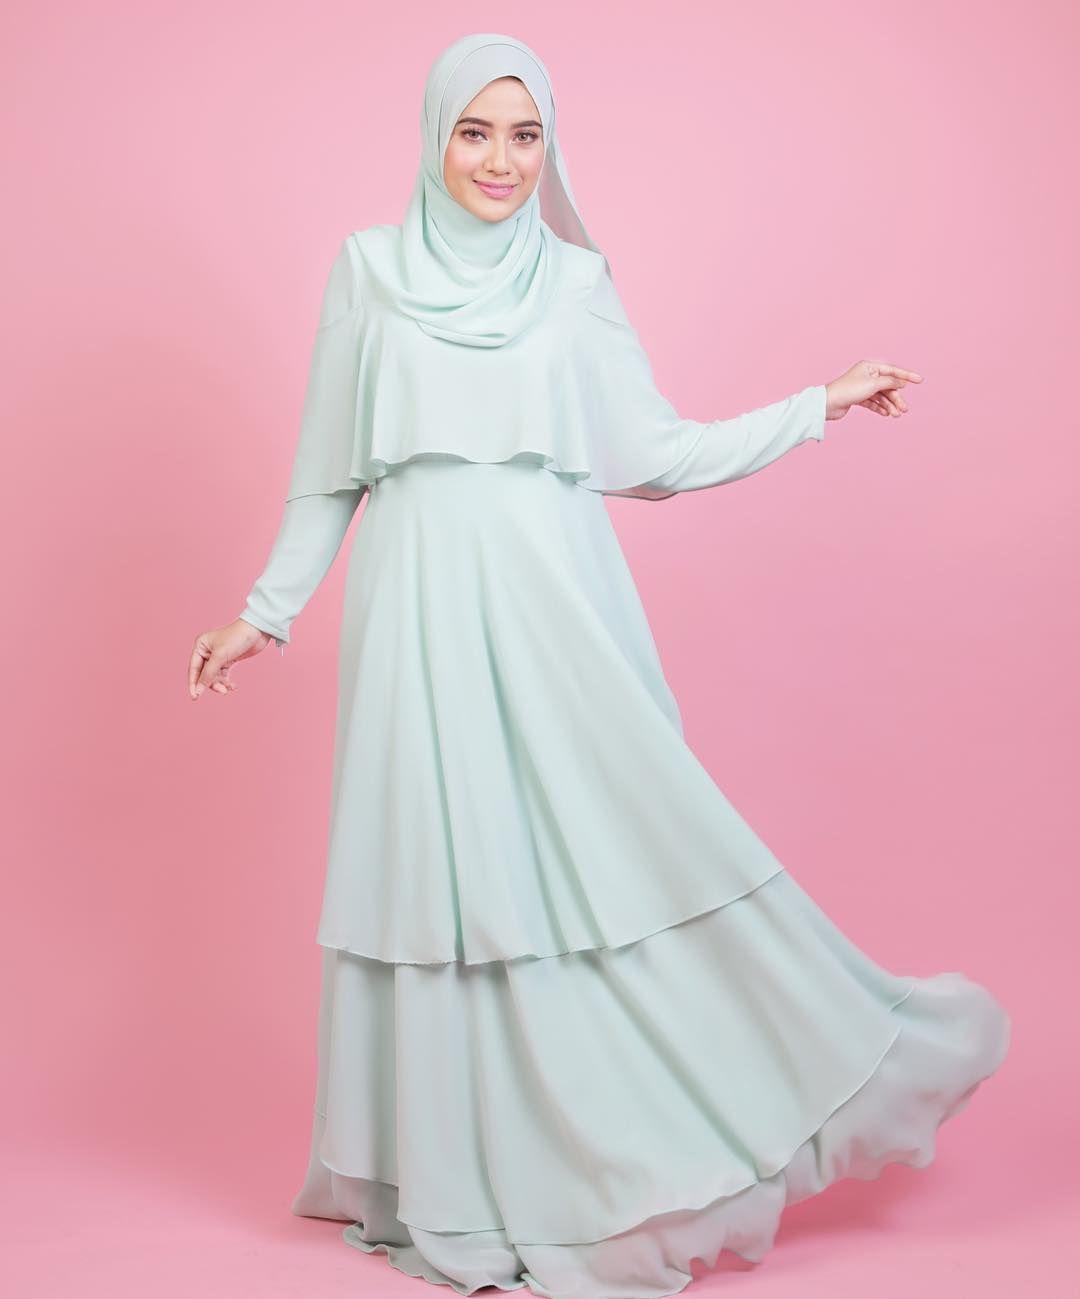 Único Vestido De Novia Muslimah Friso - Colección de Vestidos de ...